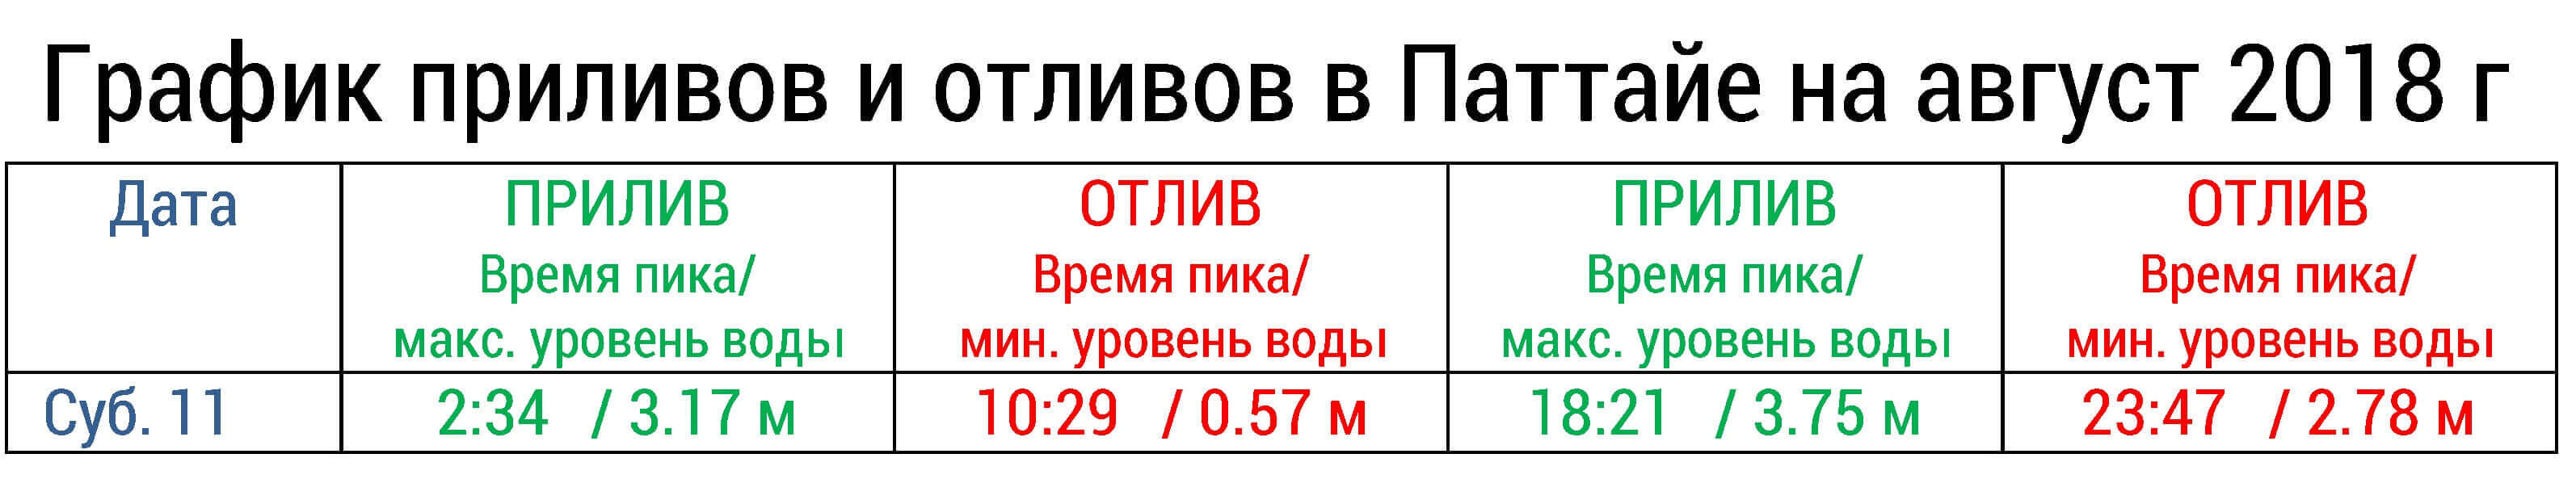 Пример таблицы с расписанием отливов